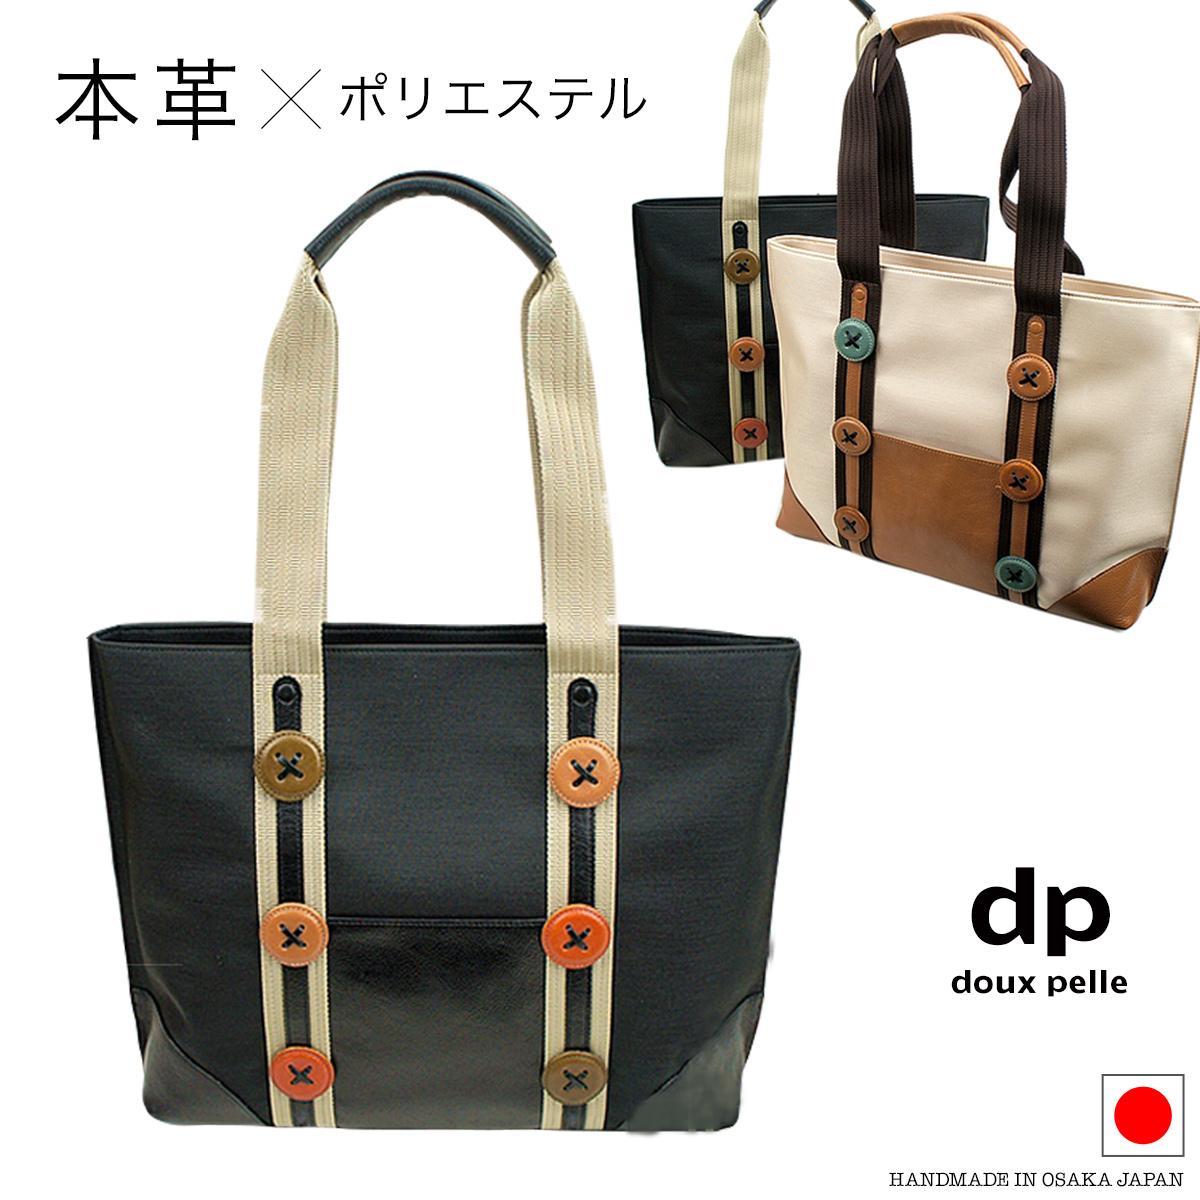 日本製 ハンドバッグ 通勤 10P04feb11 軽い 国産 本革 メンズ ハンドバッグ おしゃれ 軽量 やわらかい レディース doux pelle バッグ 大人女子